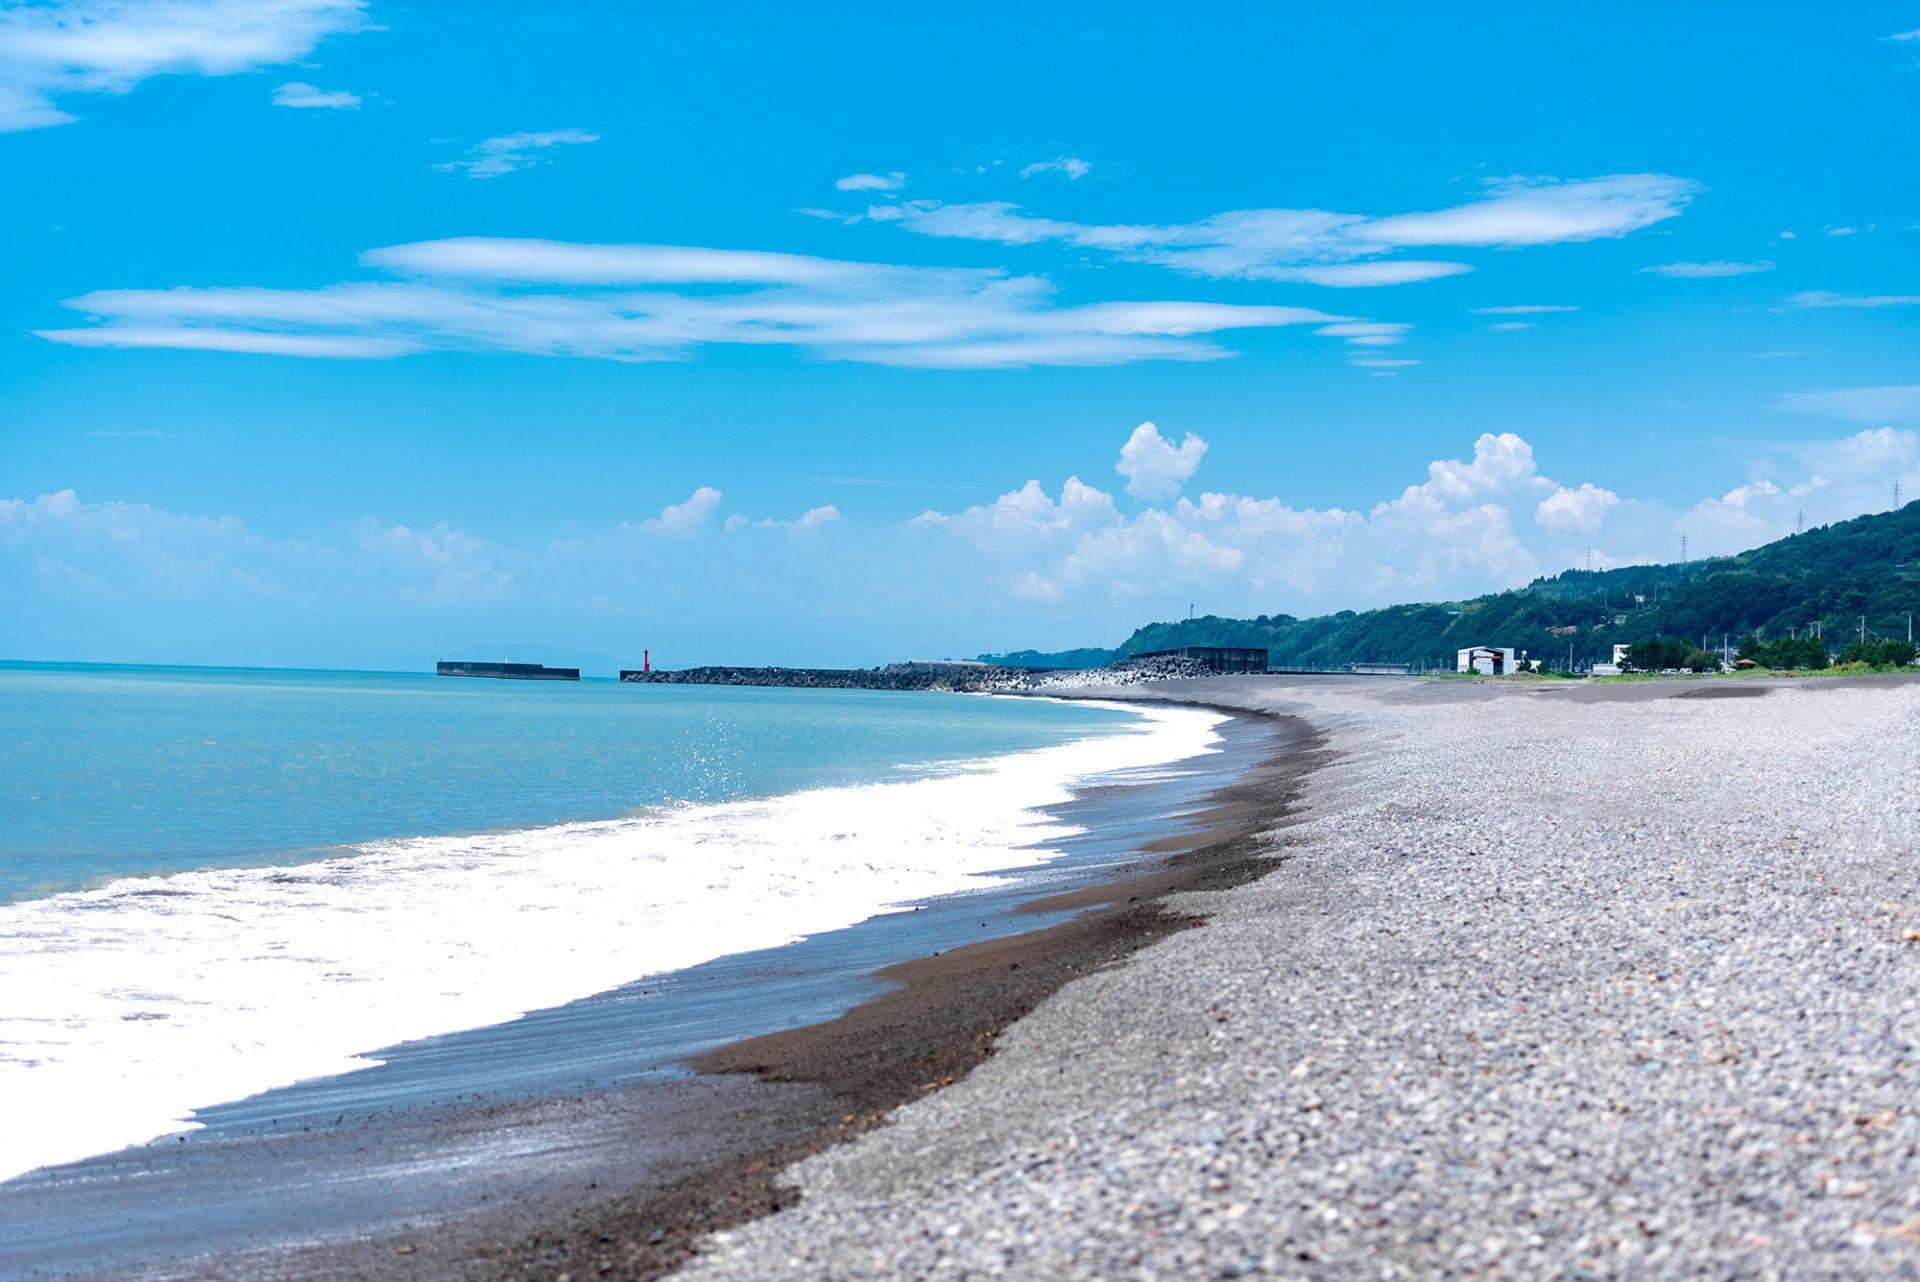 写真:波が打ち寄せる浜辺。青空と青い海。